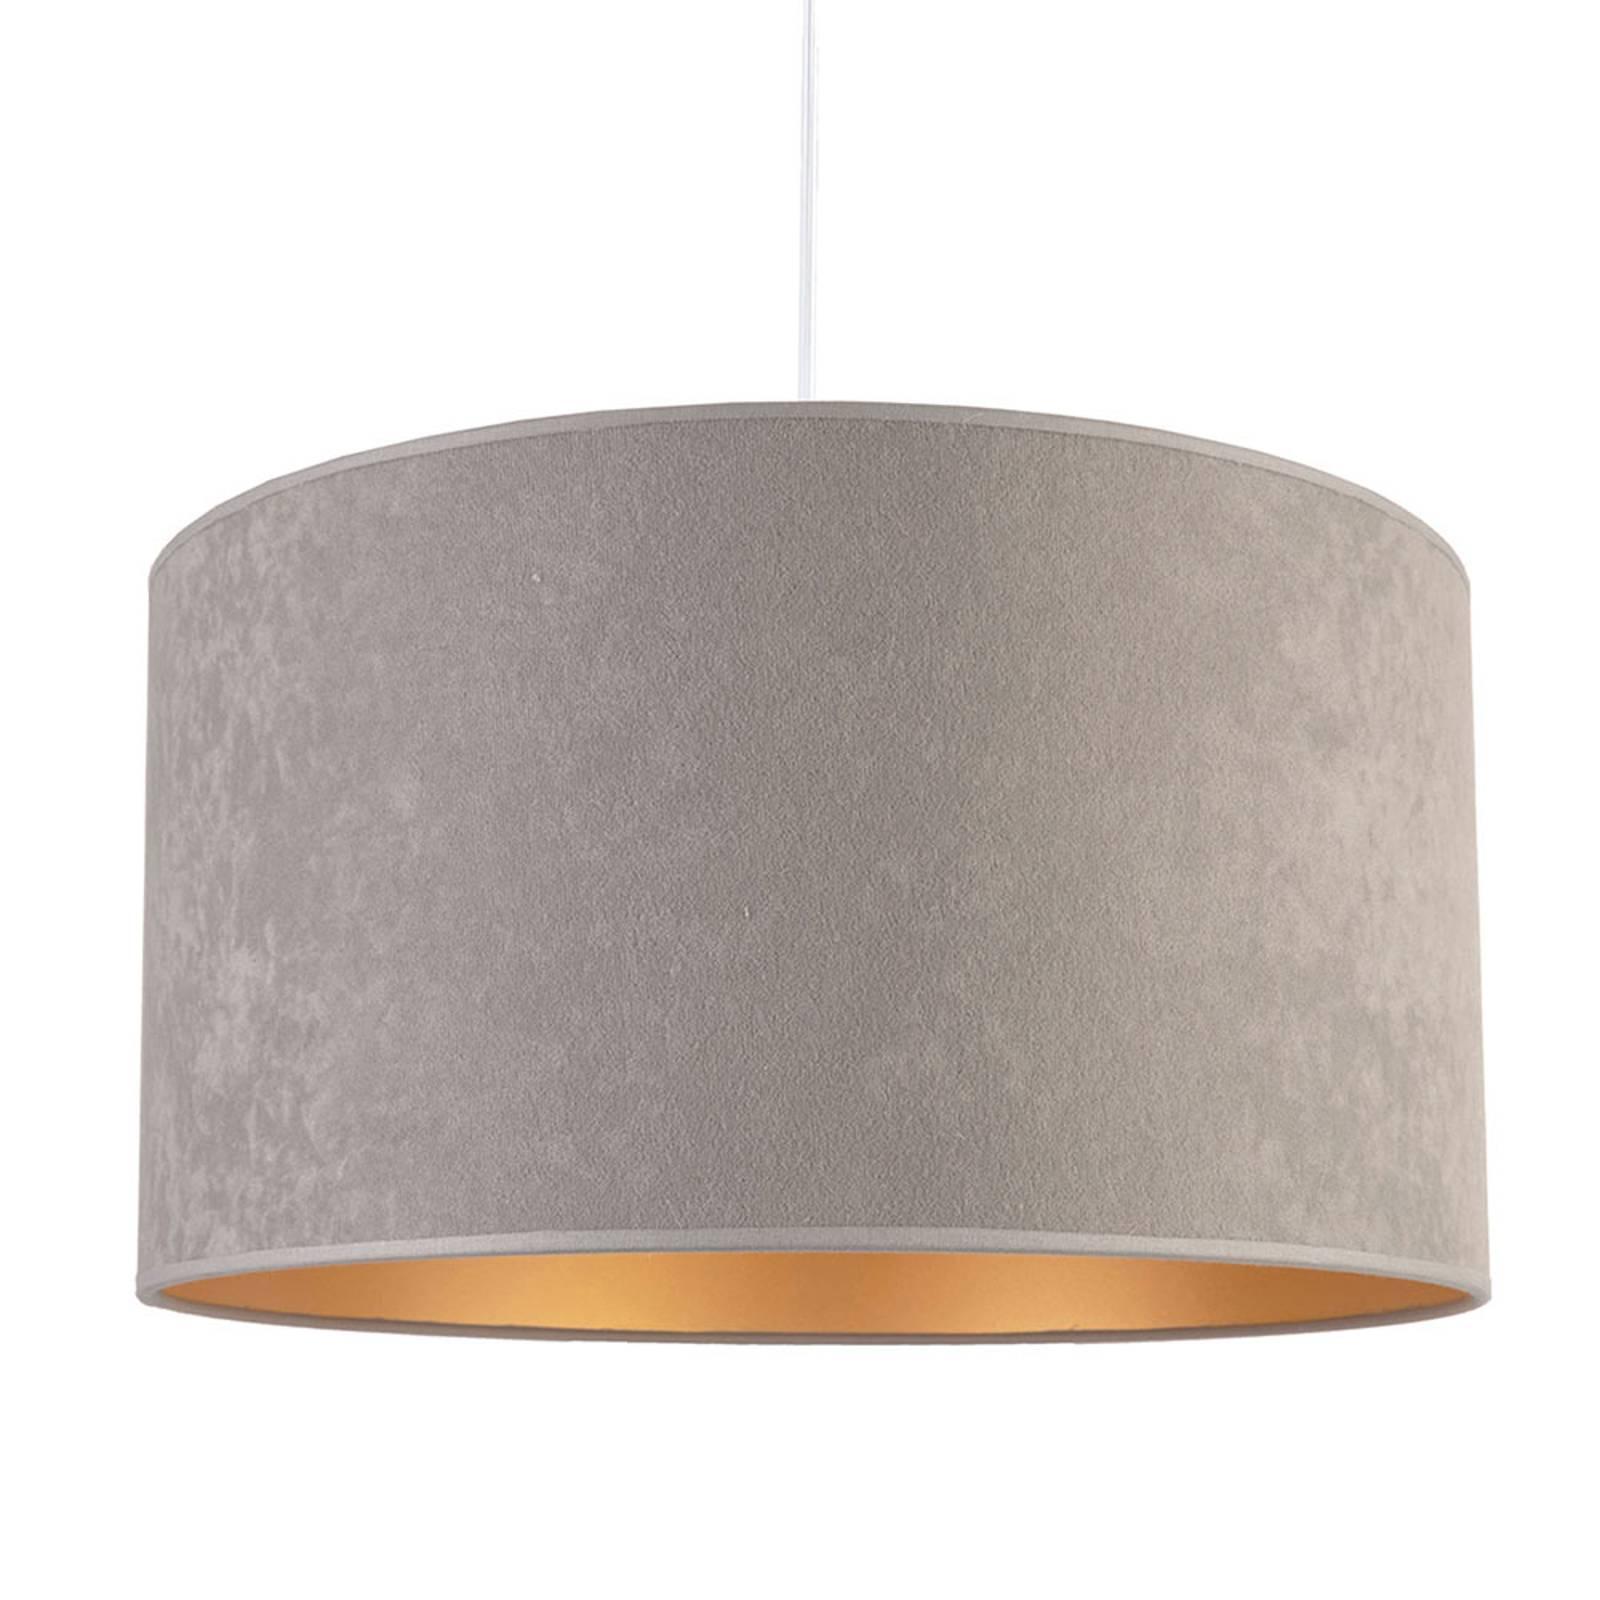 Lampa wisząca Roller, szara/złota